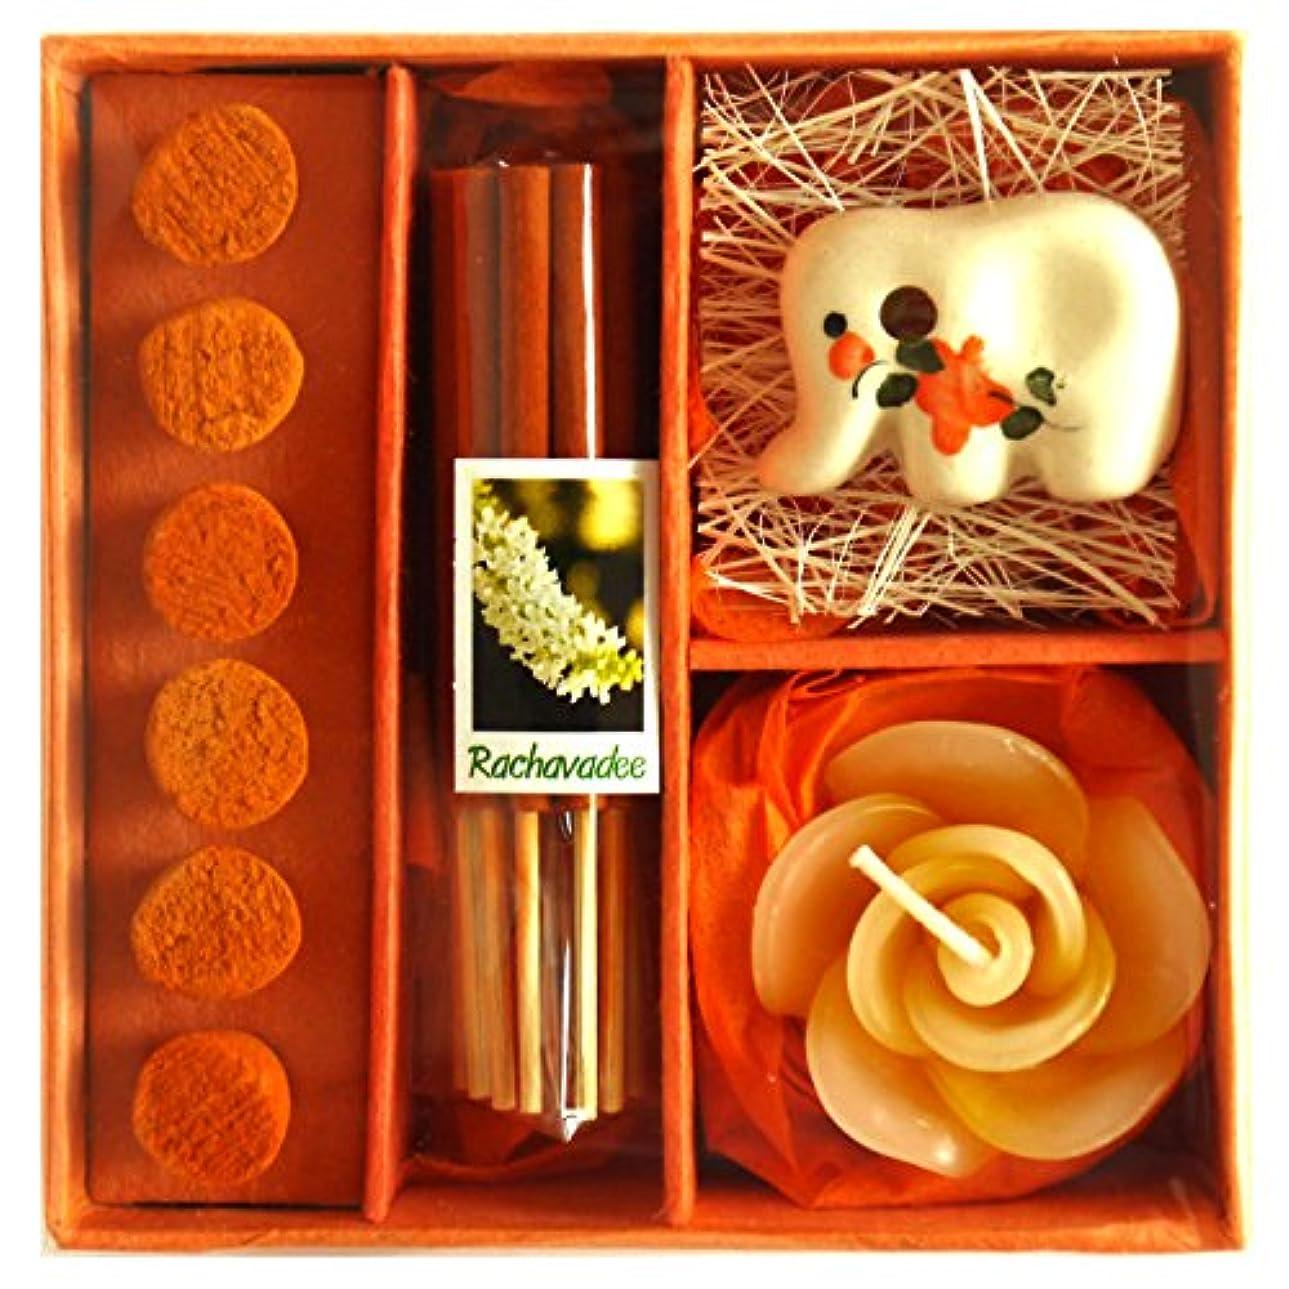 カーテン消毒剤ソーシャルアロマギフトBOX 退職ギフト 色おまかせ 香りつきアロマキャンドル 2種類のお香 陶器製お香立ての入ったギフトセット サンキューシール付き